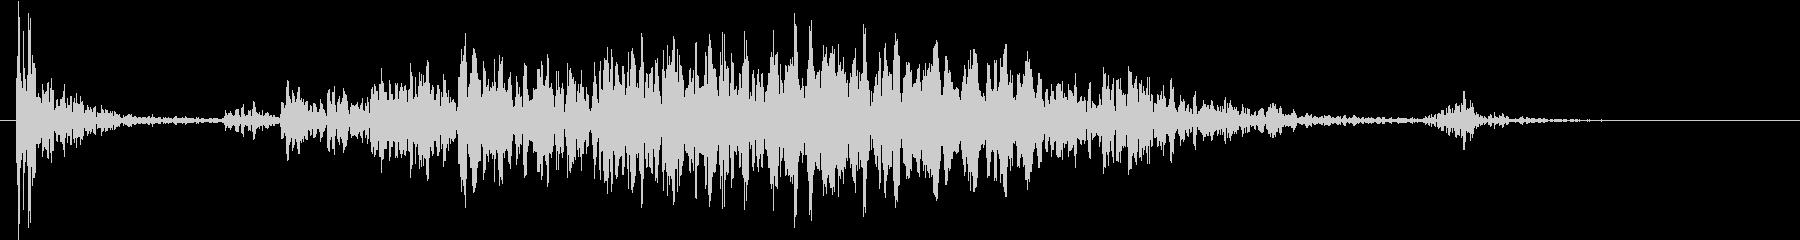 【生録音】テーブルを引っ掻く音 2の未再生の波形